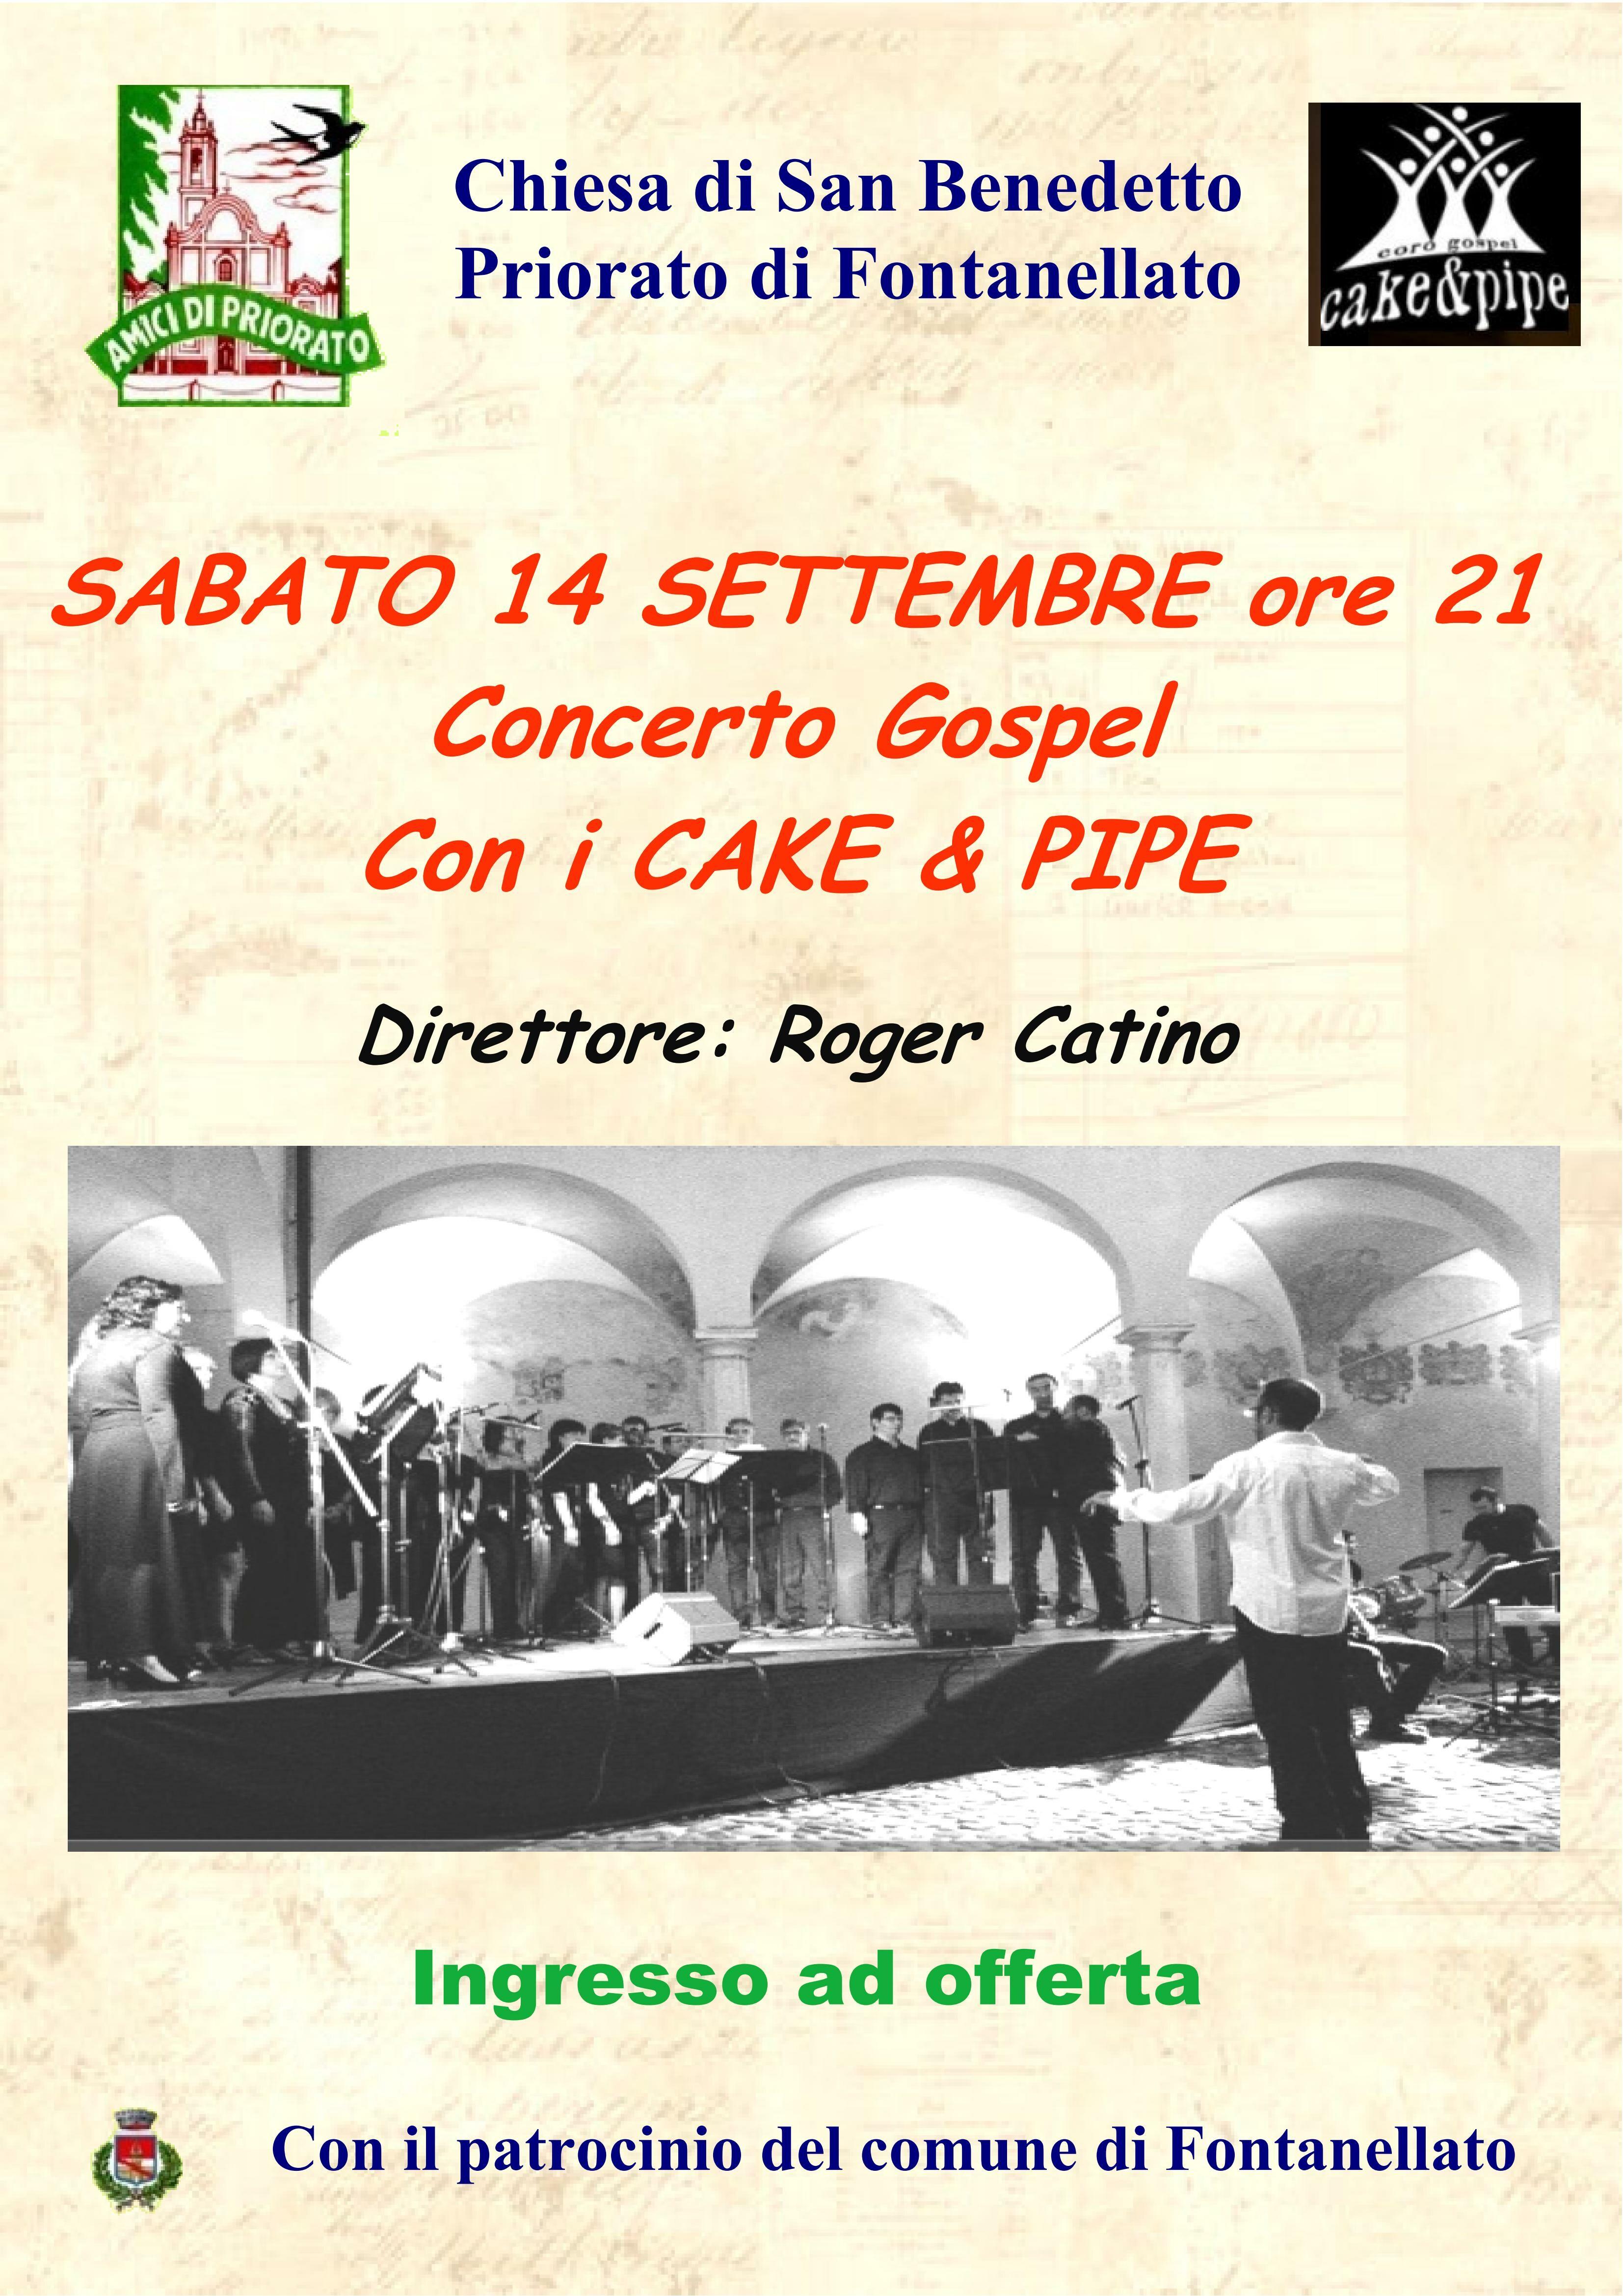 Concerto Gospel con il Gruppo Cake & Pipe nella chiesa di San Benedetto in  Priorato